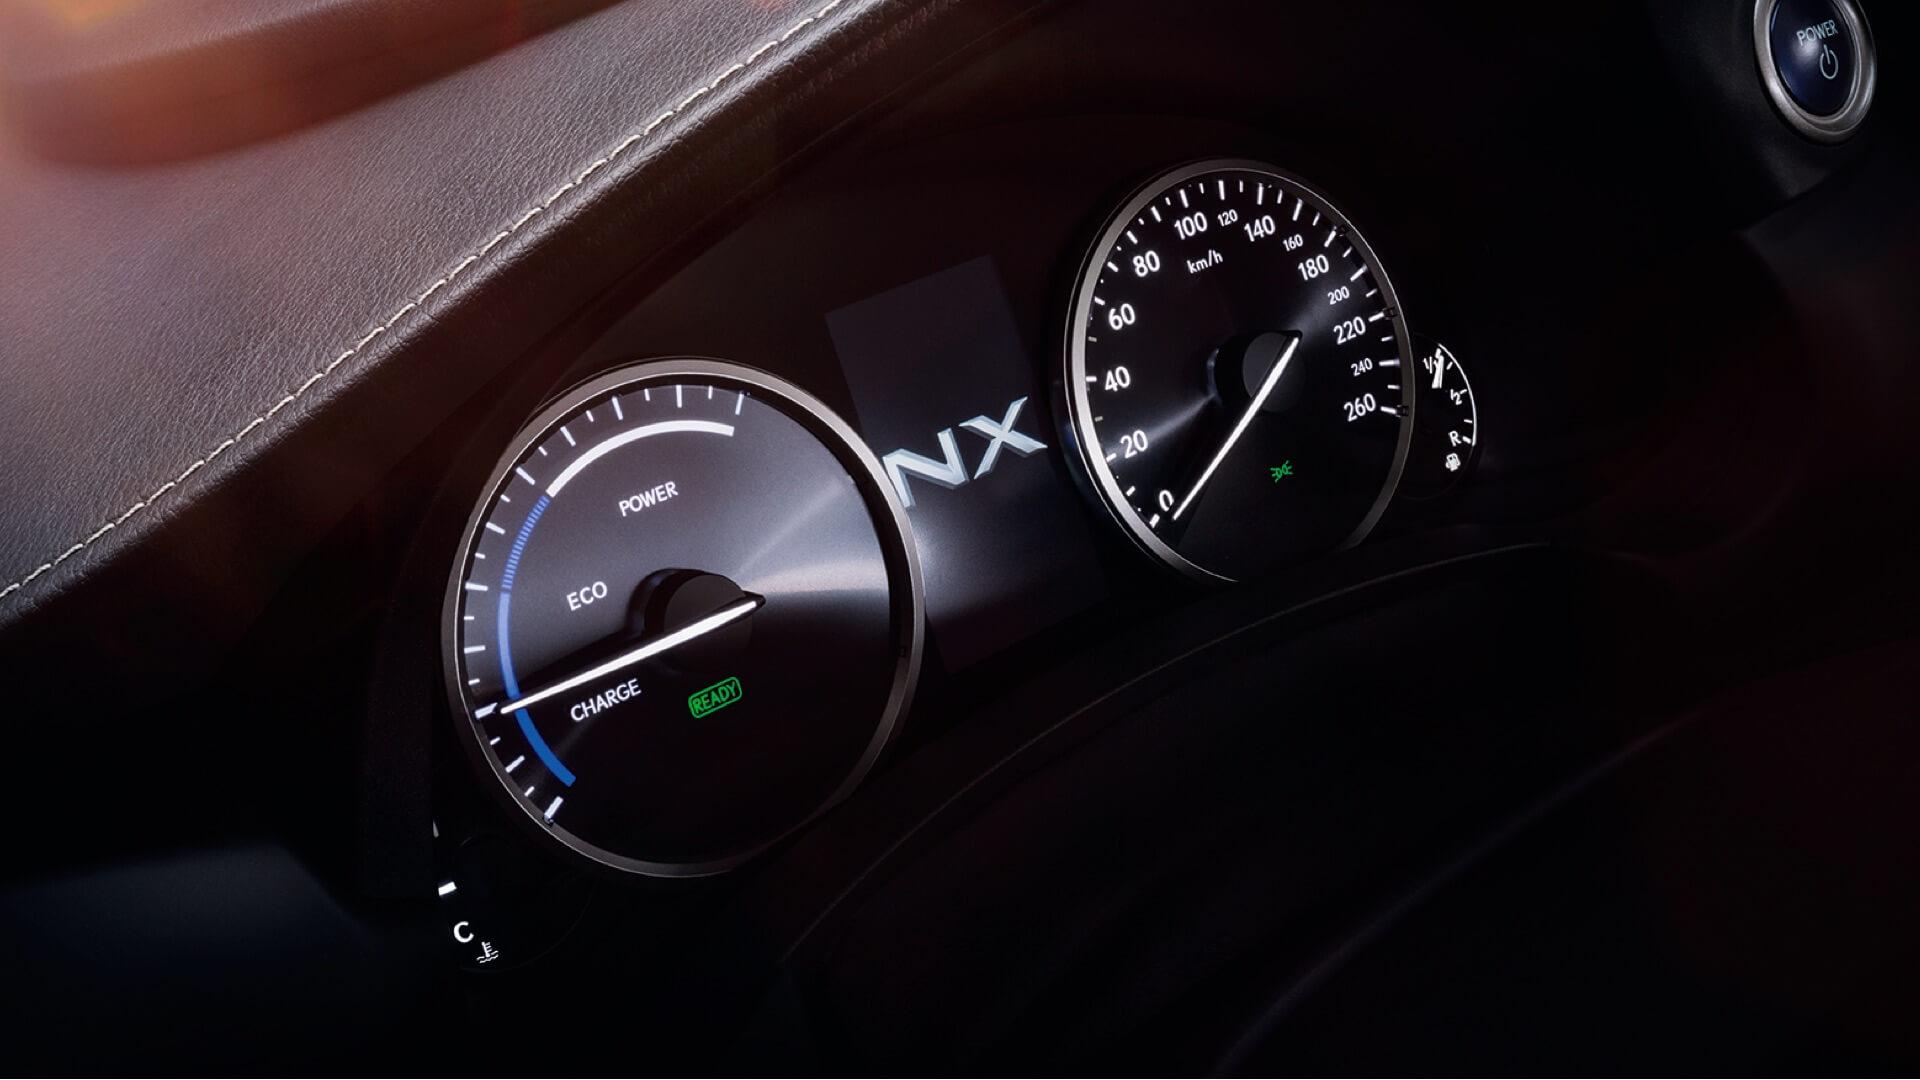 Lexus NX SUV kontrollpanel viser speedometer og måler for charge eco og power